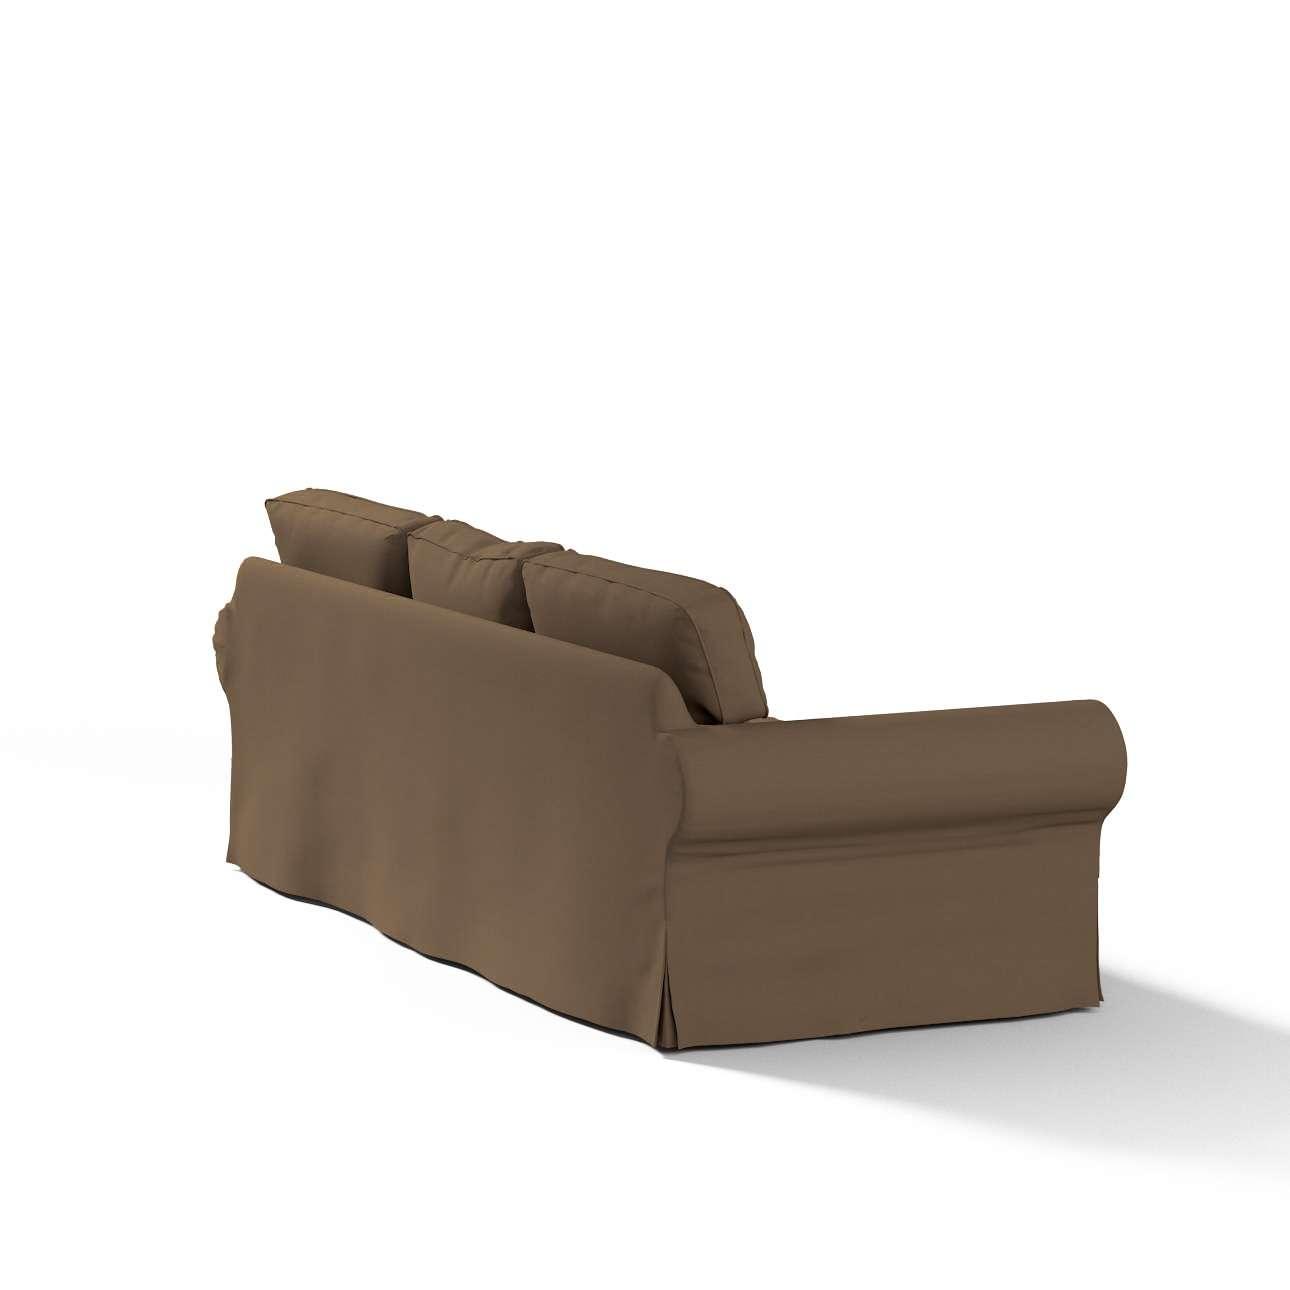 Pokrowiec na sofę Ektorp 3-osobową, rozkładaną, PIXBO w kolekcji Cotton Panama, tkanina: 702-02